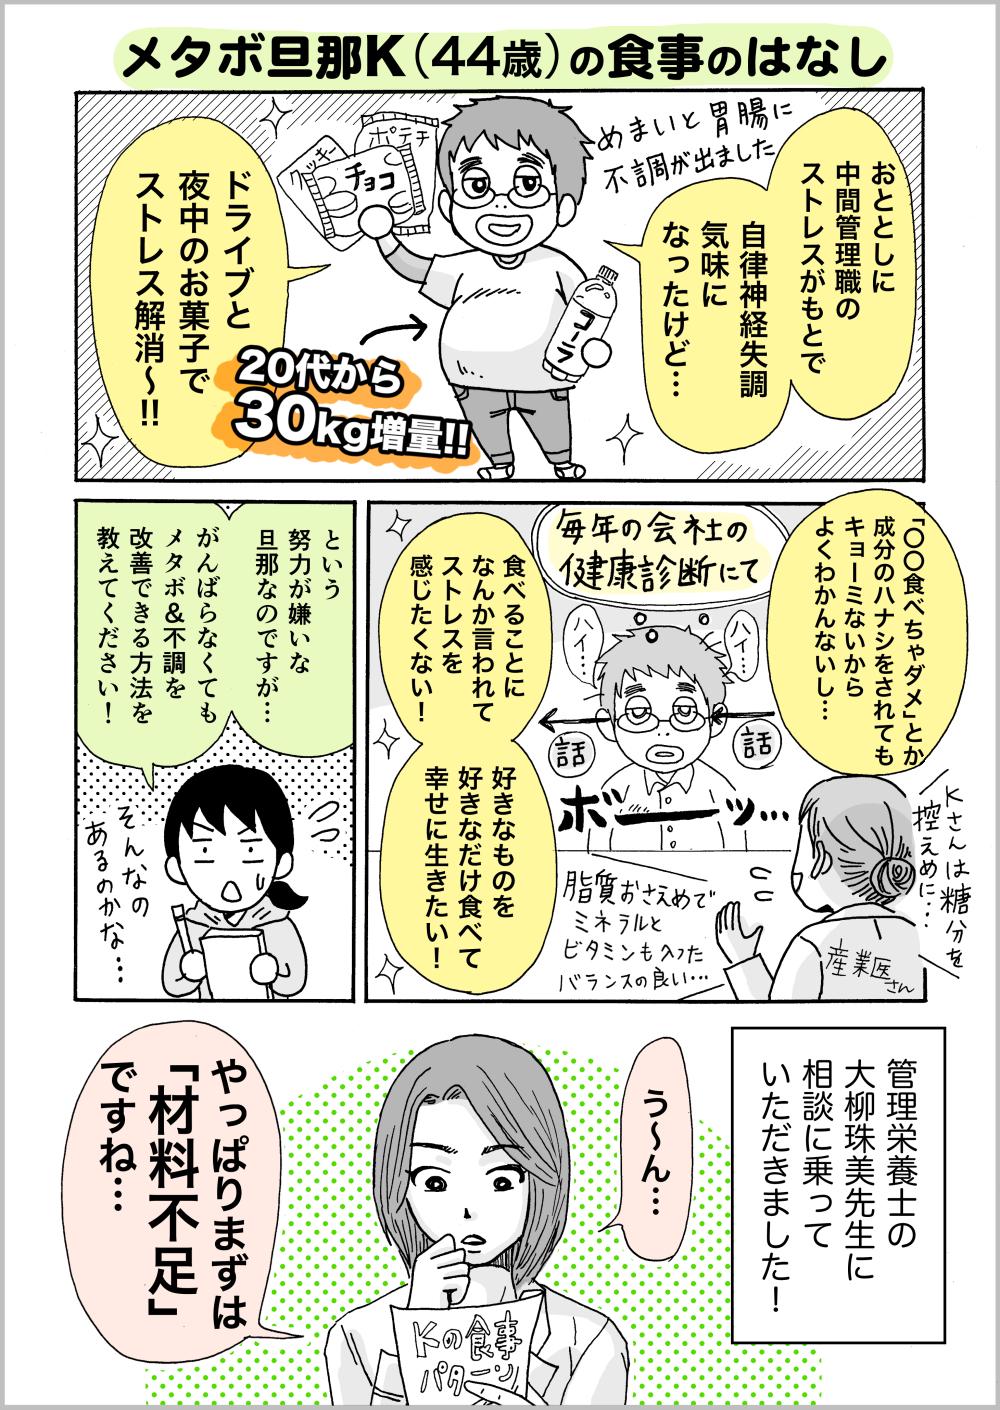 choshoku_1